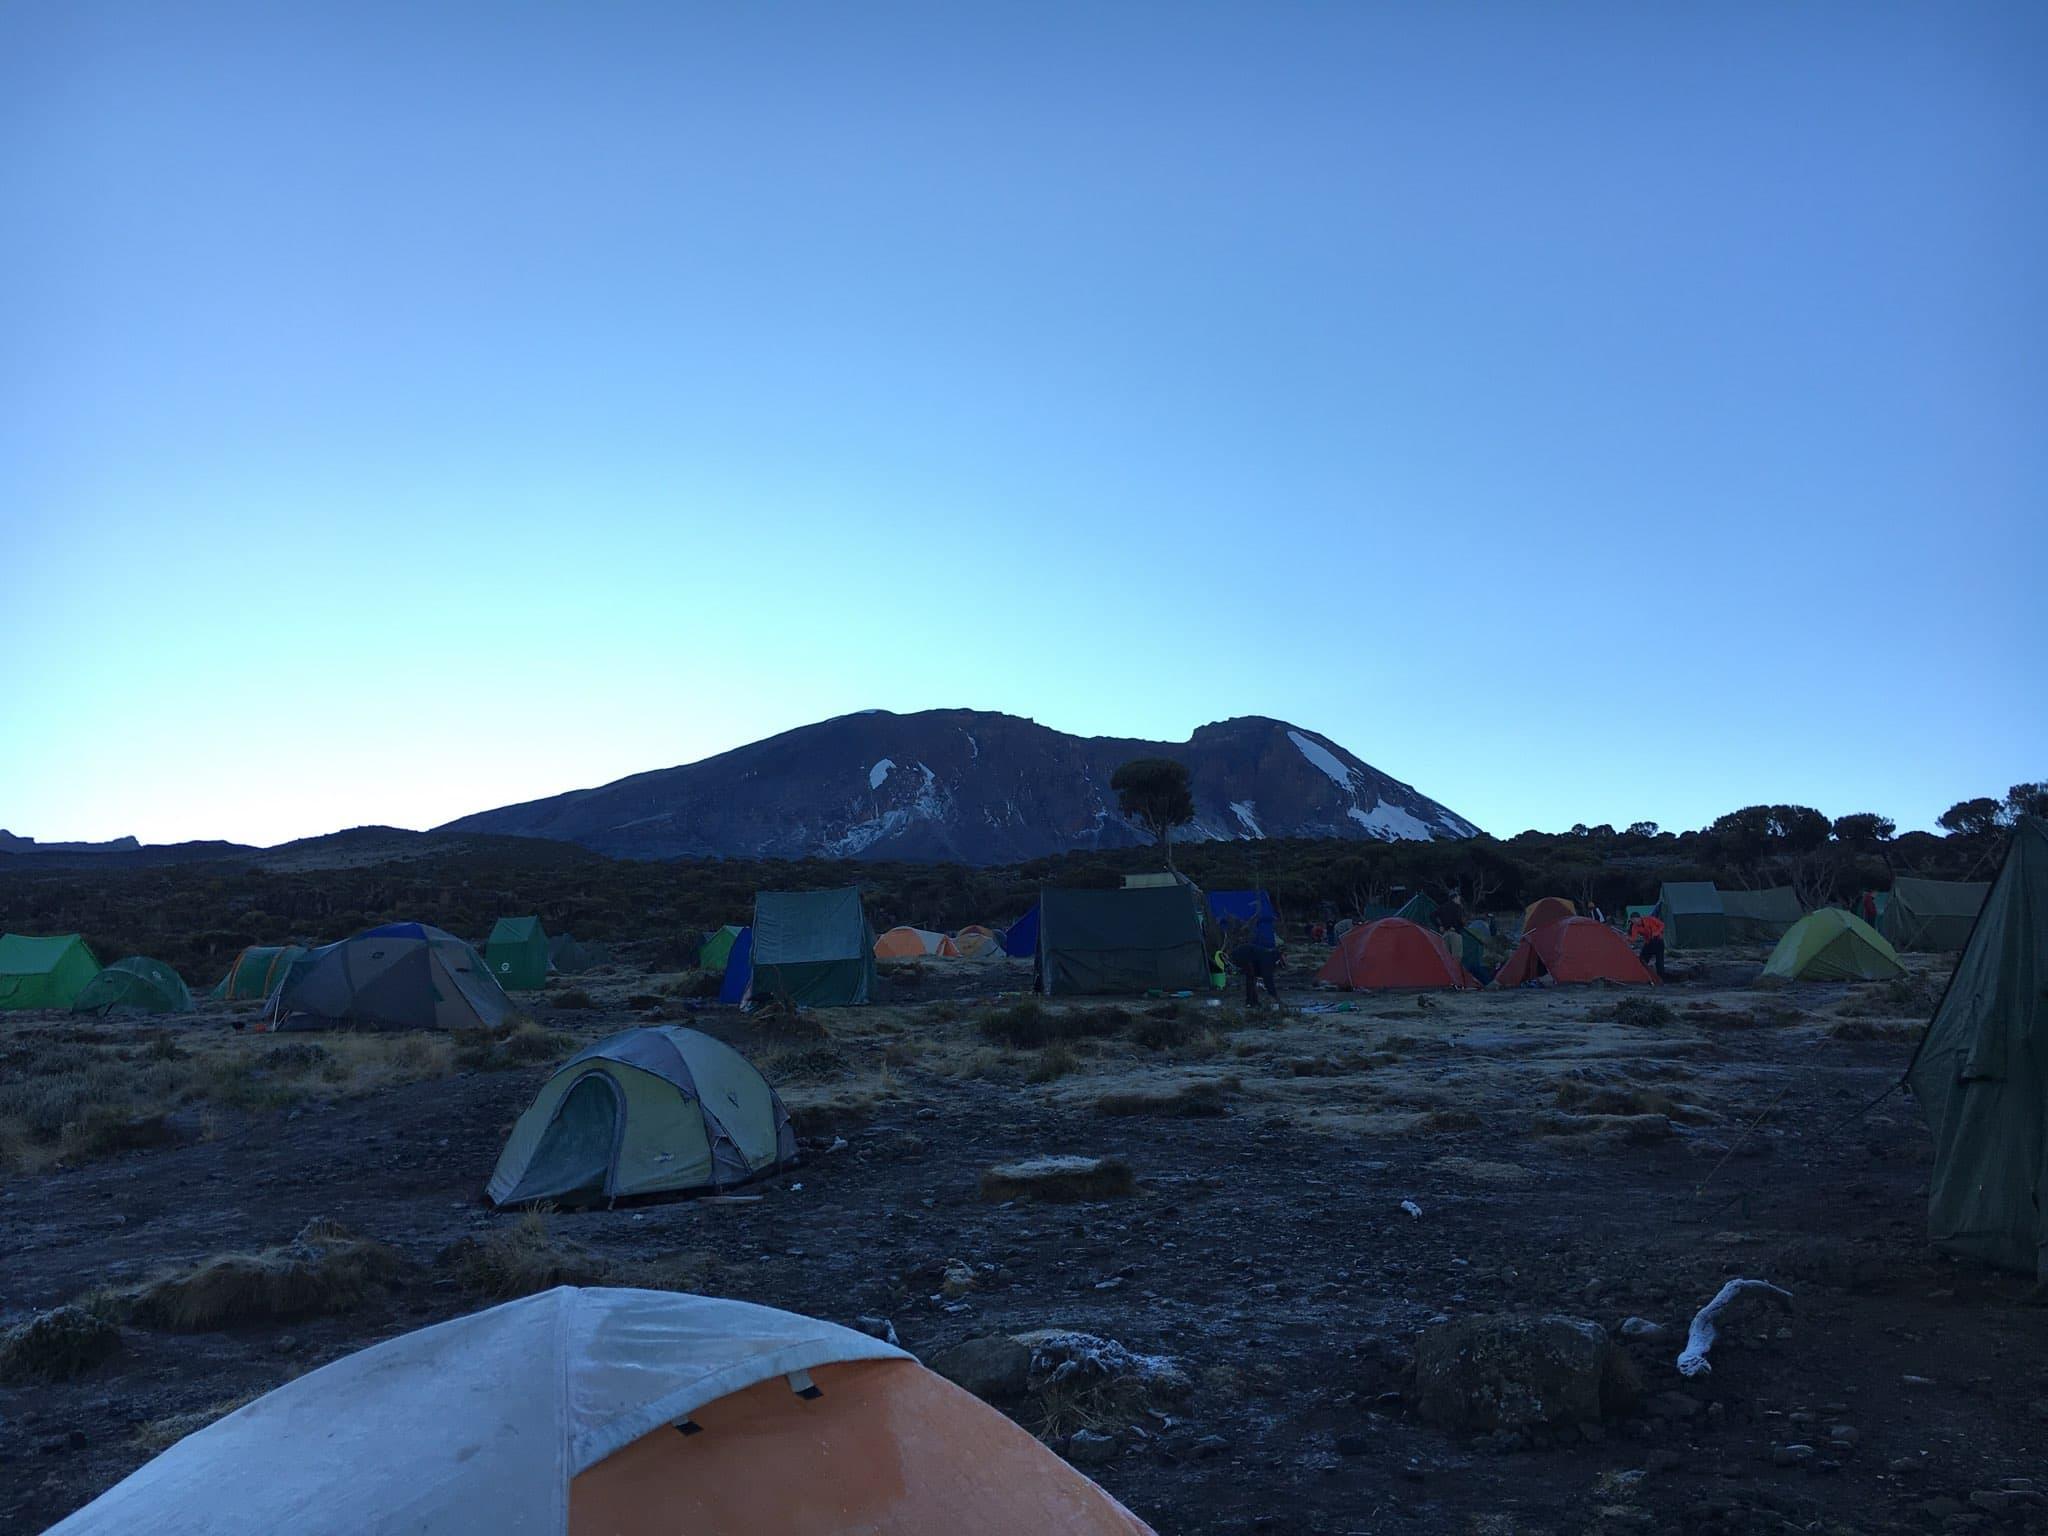 Sept jours sur le Kilimandjaro, récit de randonnée : vivez l'ascension de la plus haute montagne d'Afrique comme si vous y étiez.Carnet de trekking.